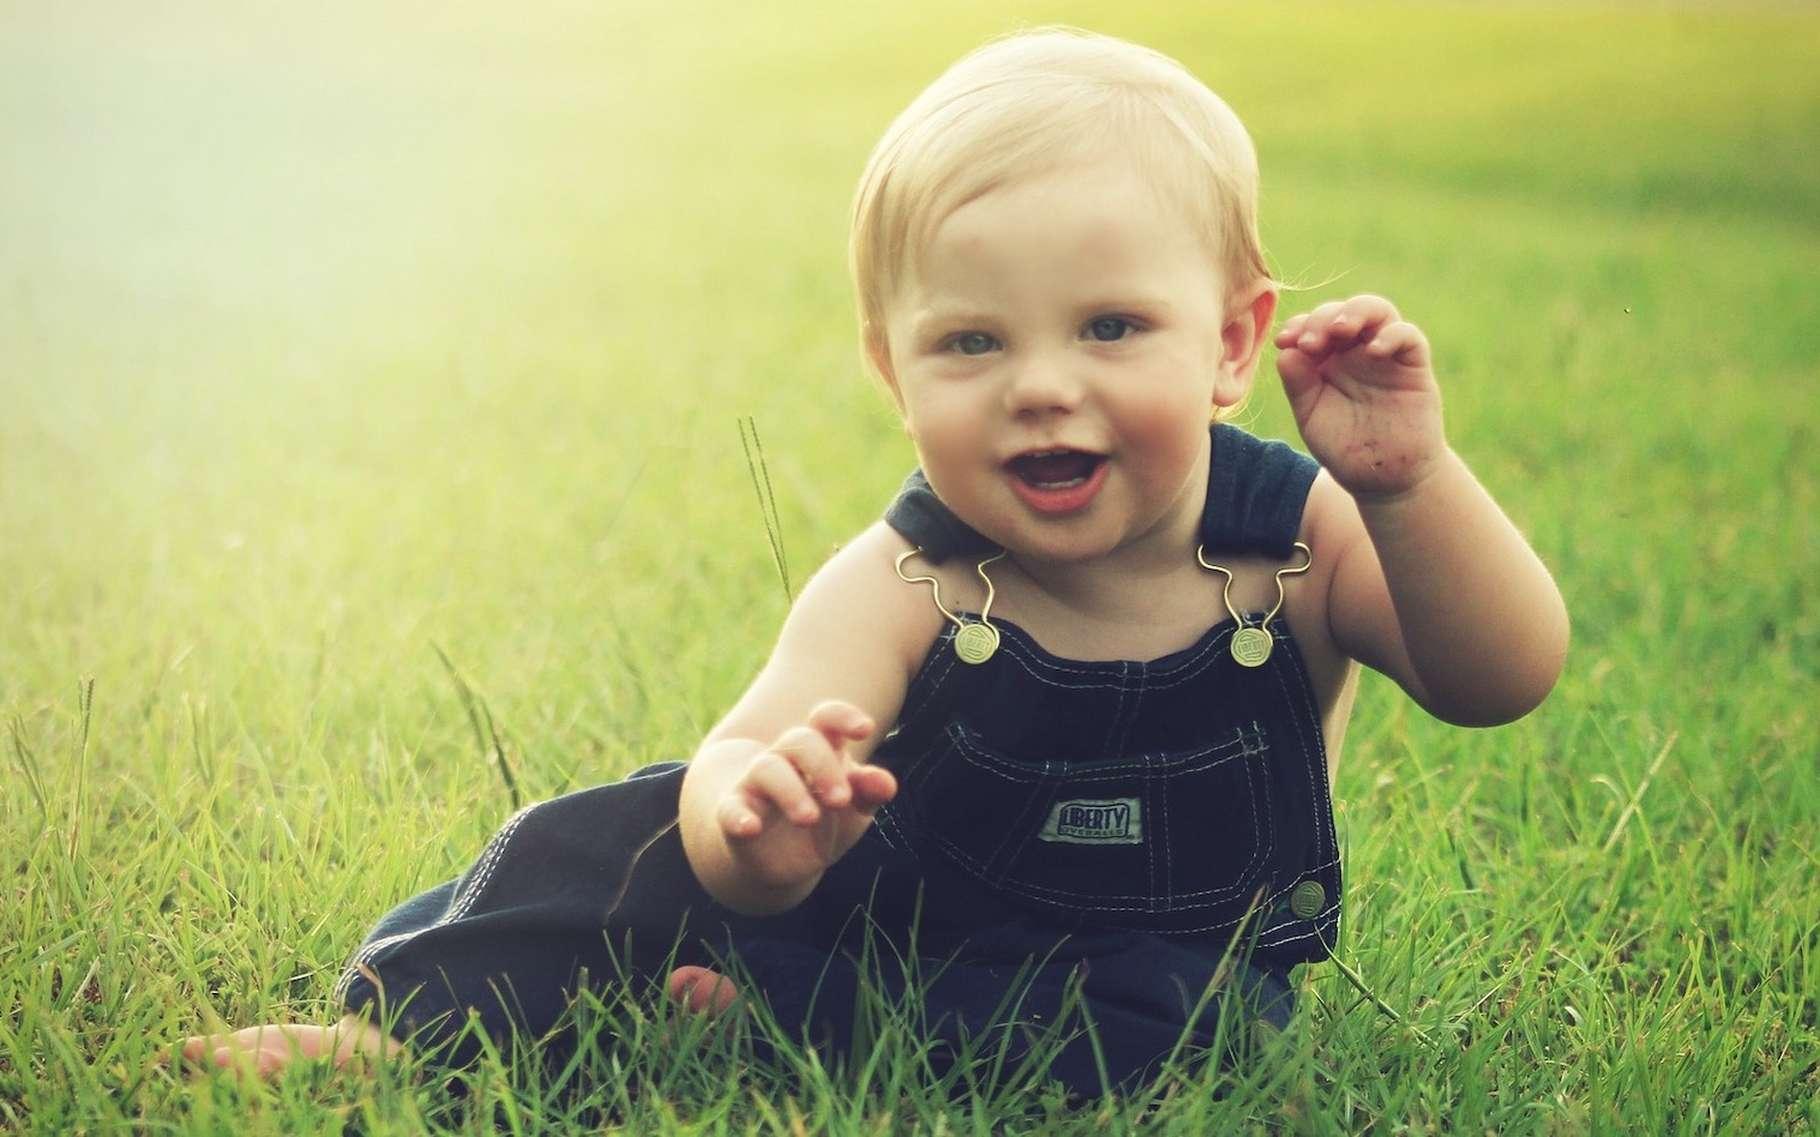 Des chercheurs avancent que sourire rend les gens plus heureux, tout comme prendre un air renfrogné les met en colère ou froncer les sourcils les attriste. © Greyerbaby, Pixabay License